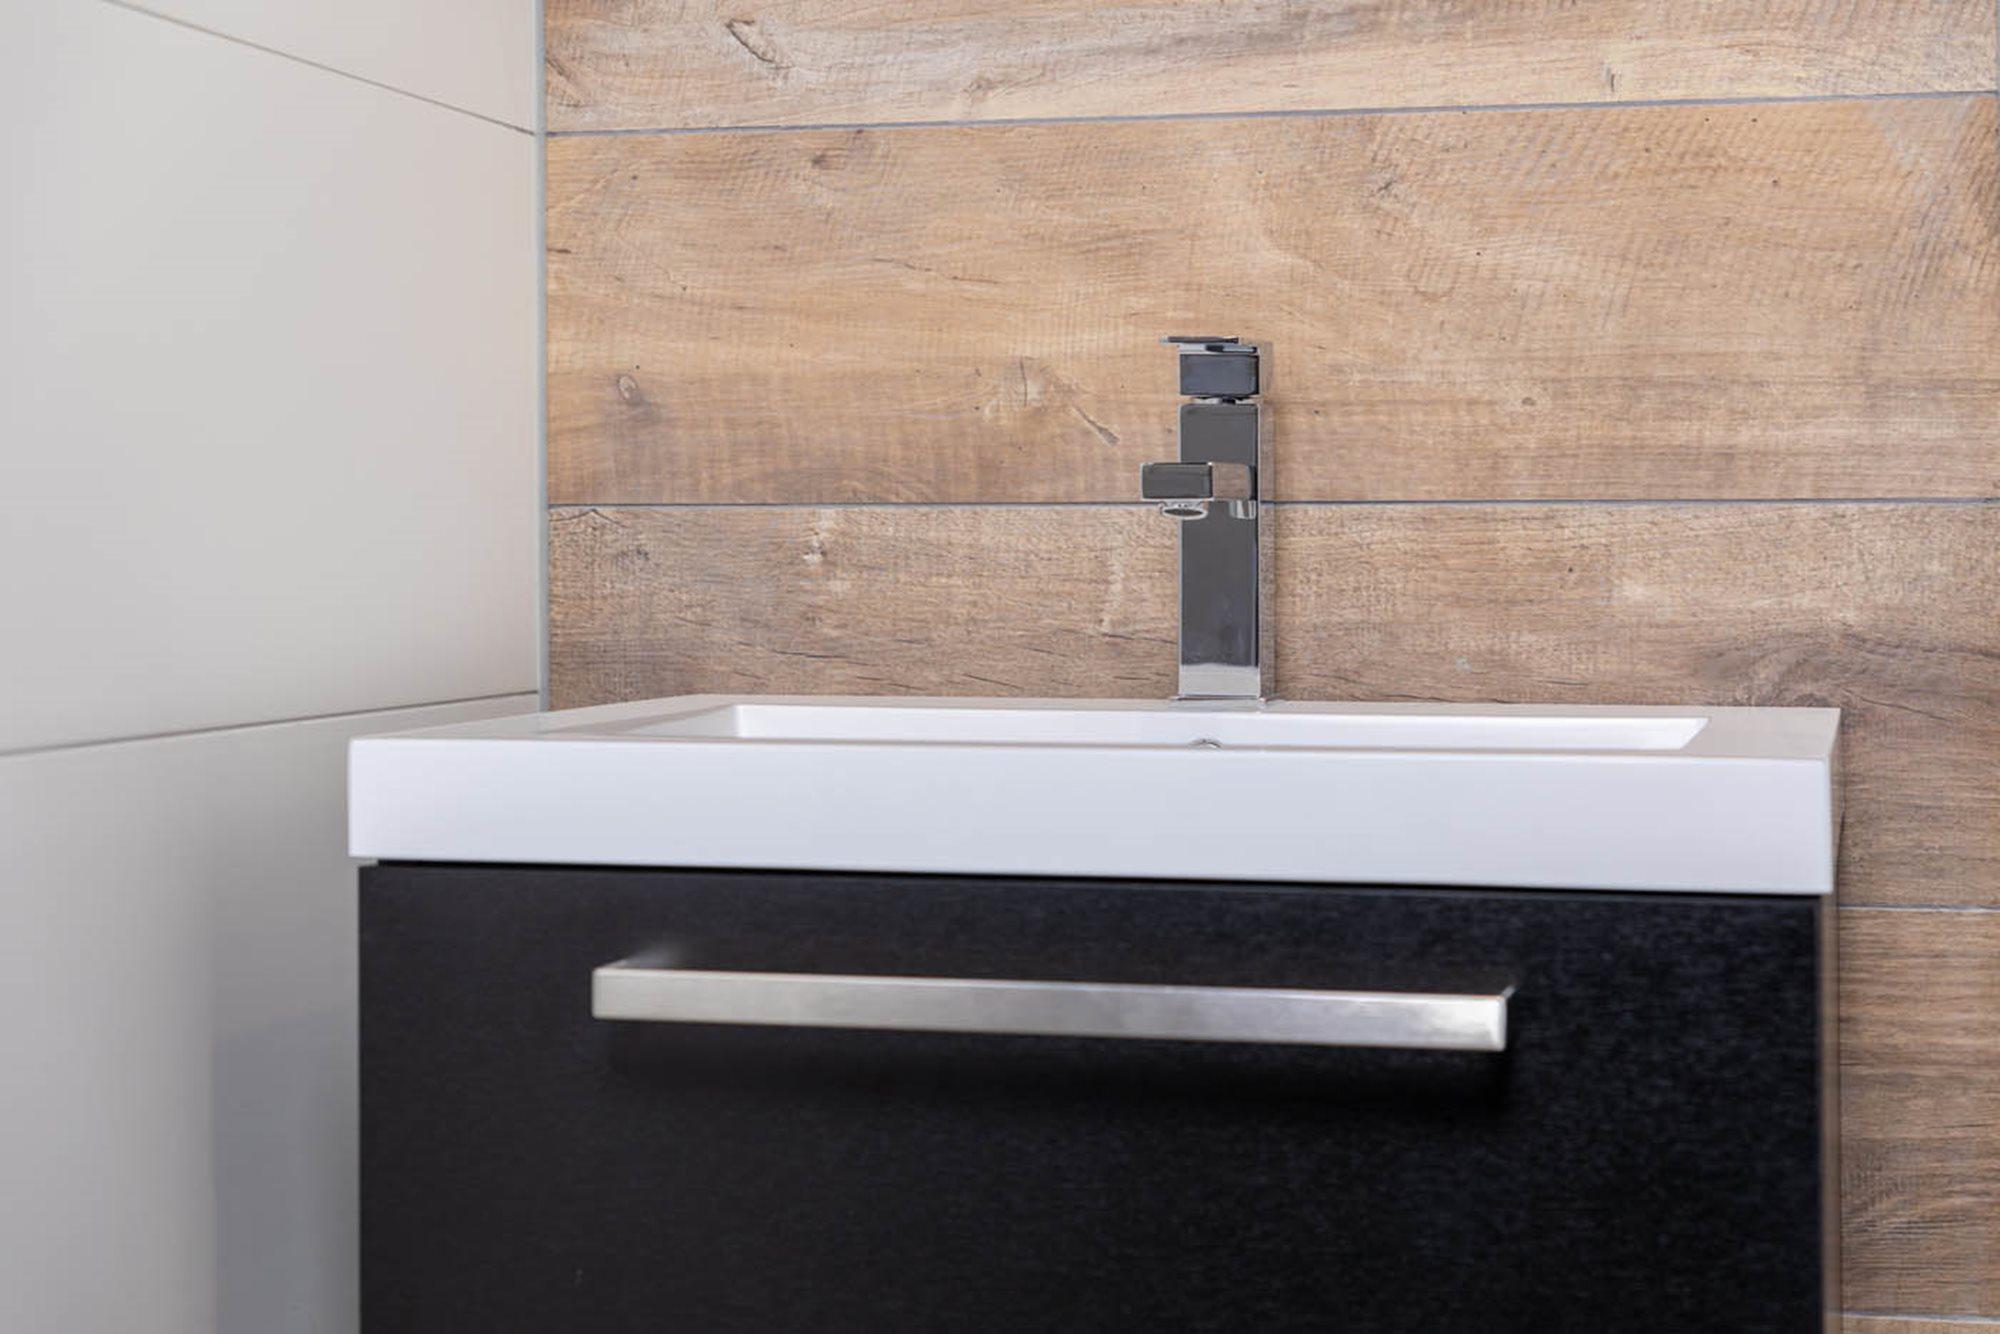 wastafel-kiezen-zwart-badkamermeubel-chromen-wastafelkraan-houtlook-tegels-witte-tegels.jpg